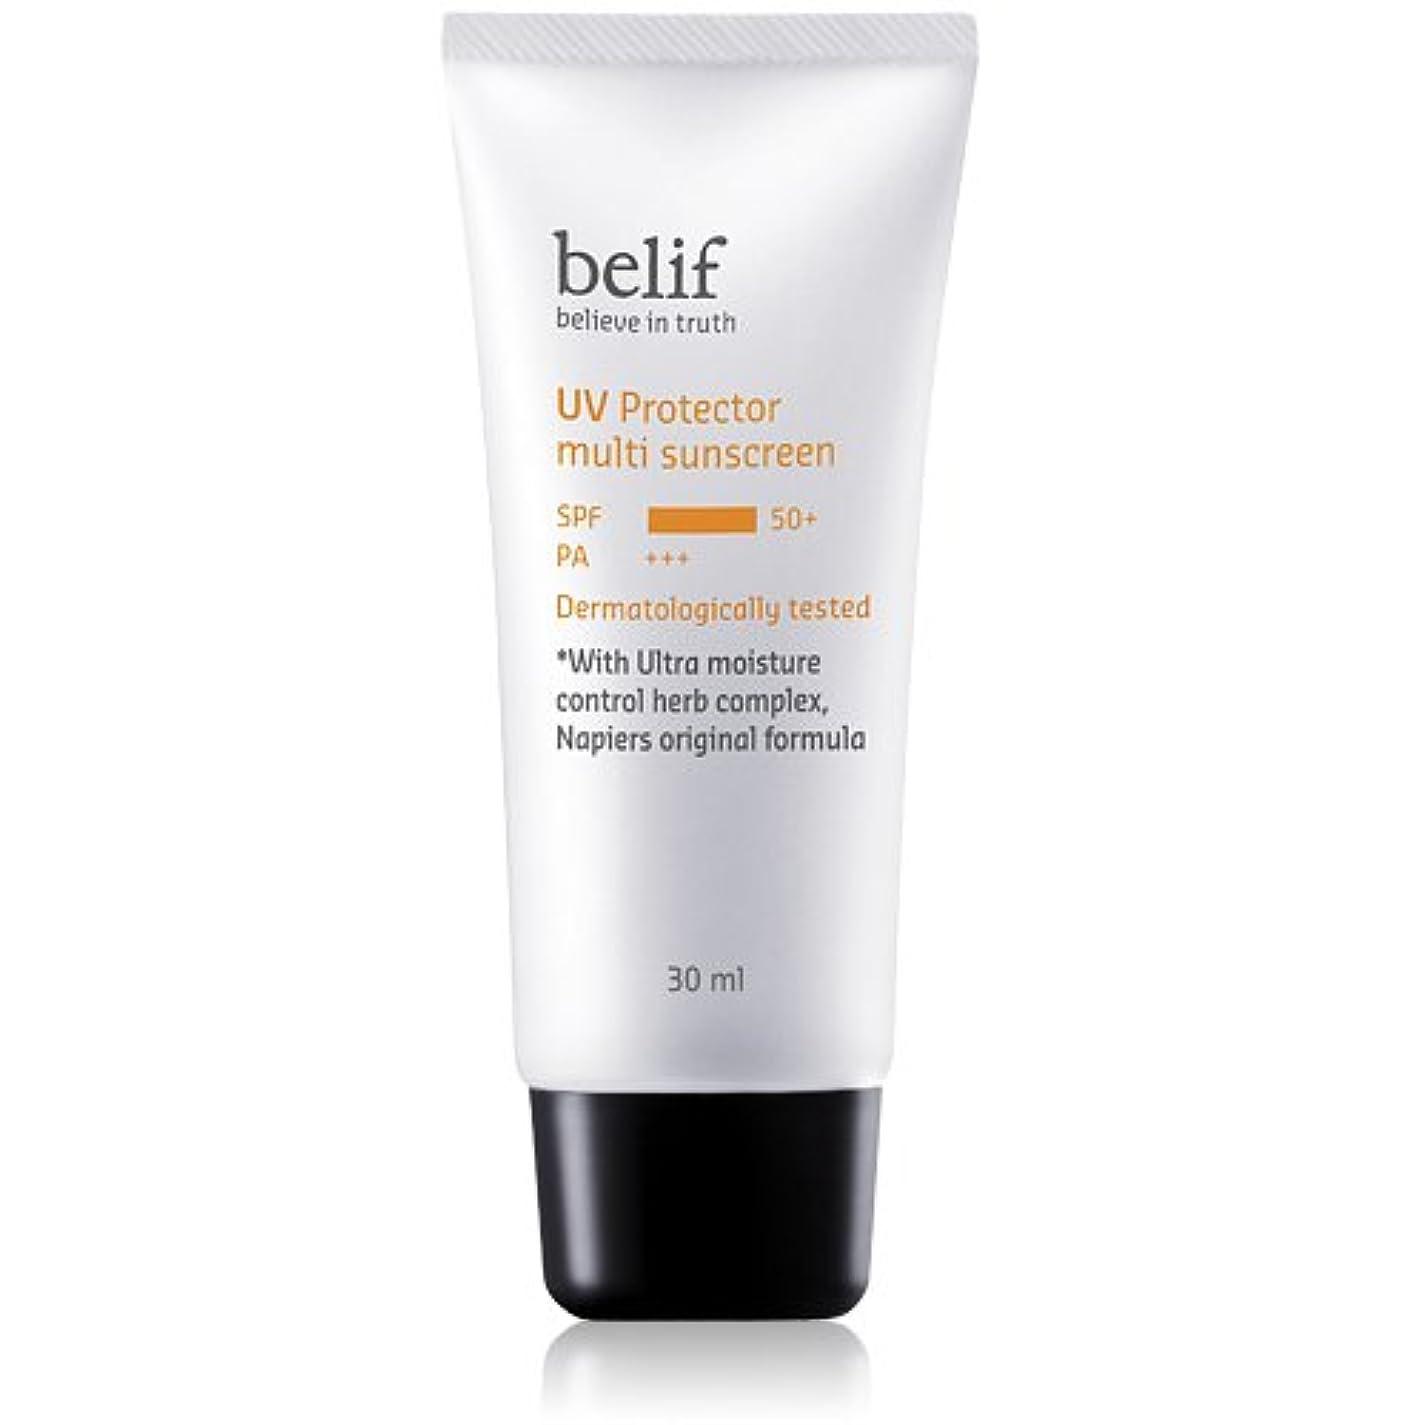 除外する有益な圧力Belif(ビリーフ)UV Protector Multi sunscreen 30ml/ビリーフUVプロテクターマルチサンスクリーン